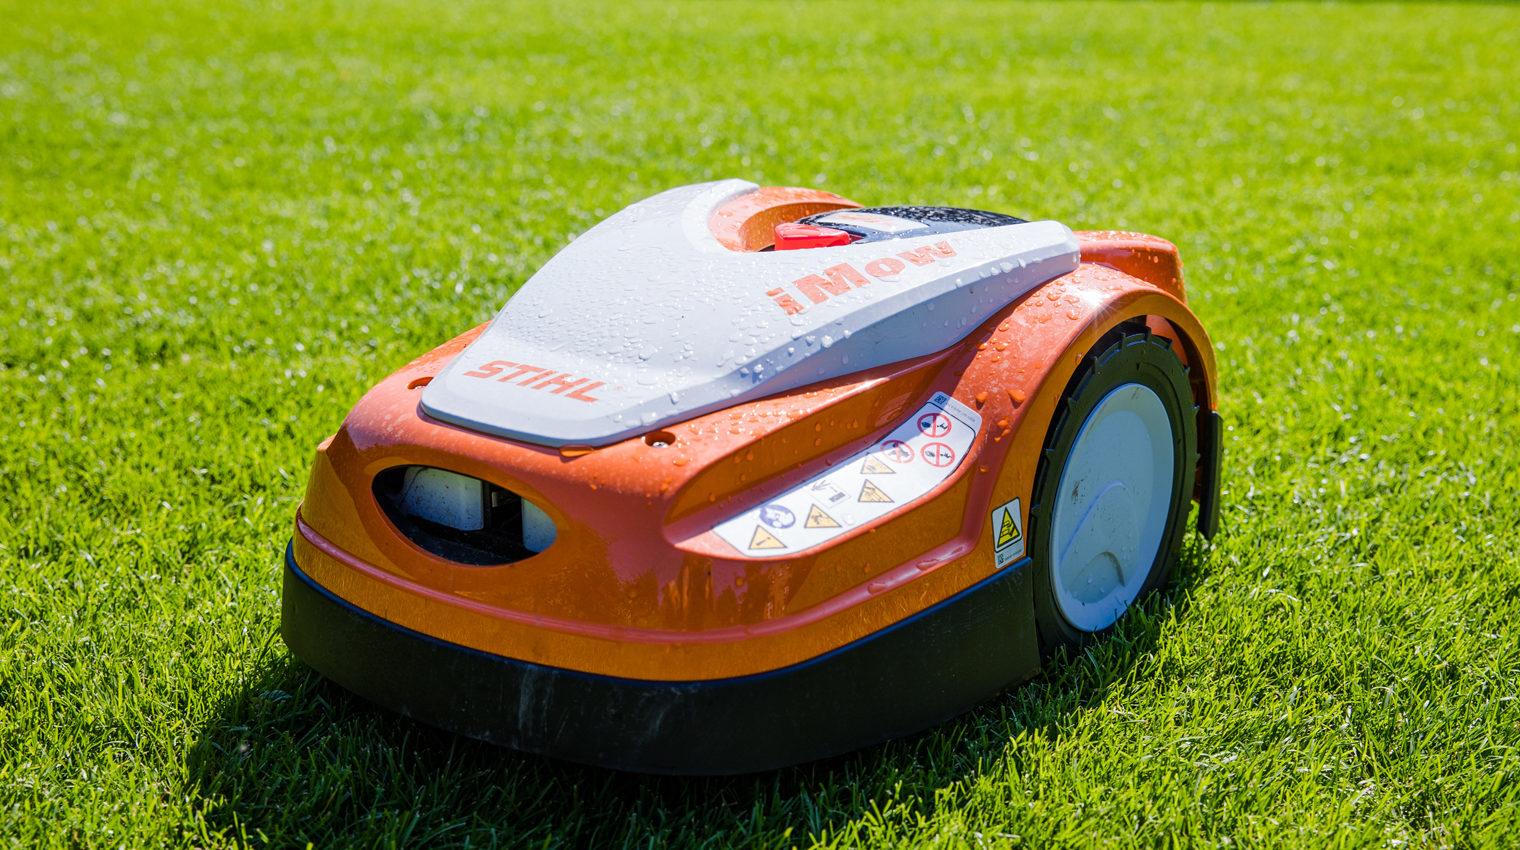 Mähroboter auf grünem Rasen